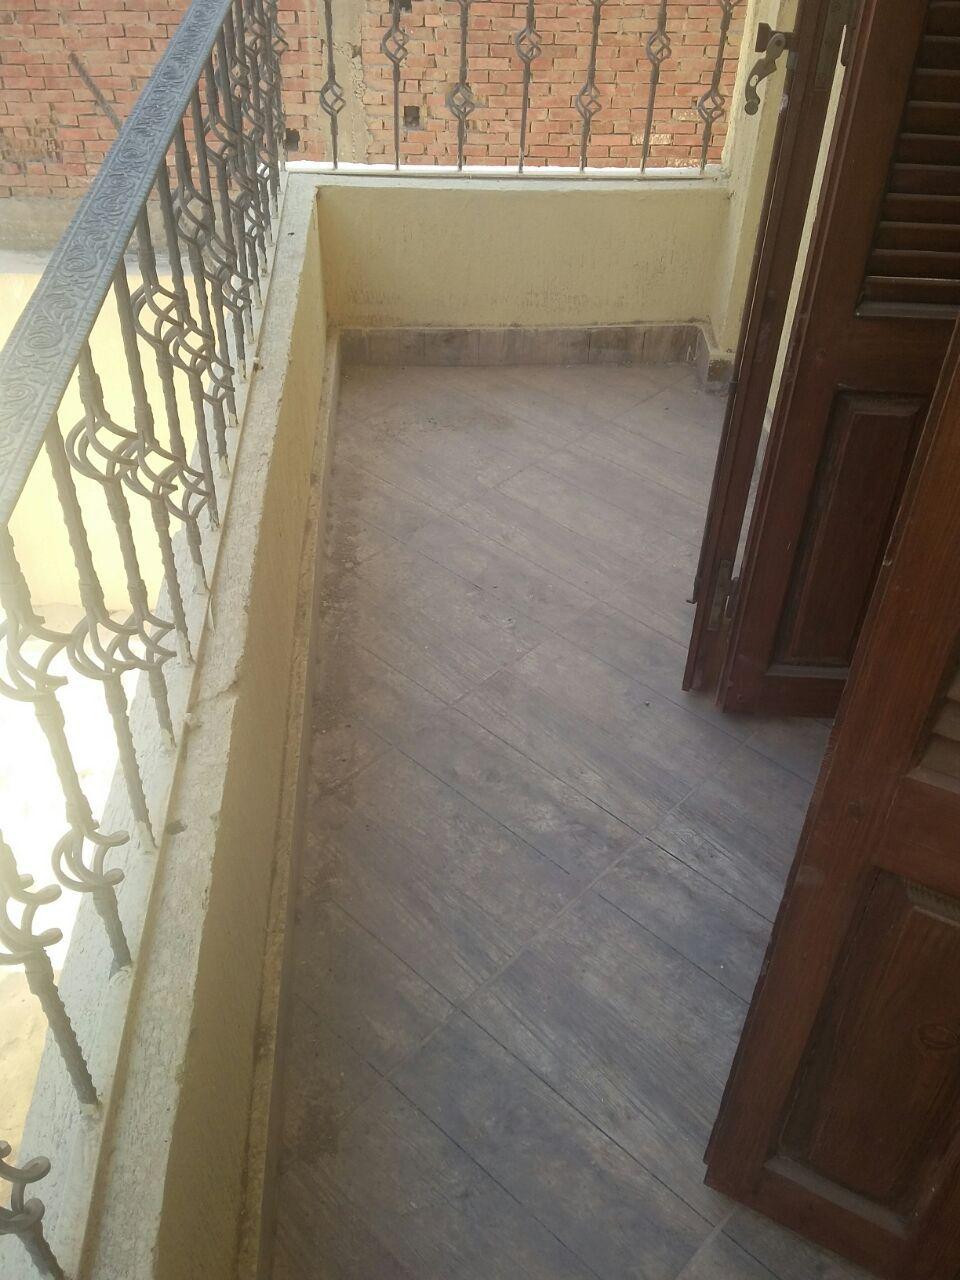 شقق للايجار الجديد في الحى الثانى 2016 في القاهرة الجديدة 2016 181823 فرصة Real Estate Cairo Tile Floor